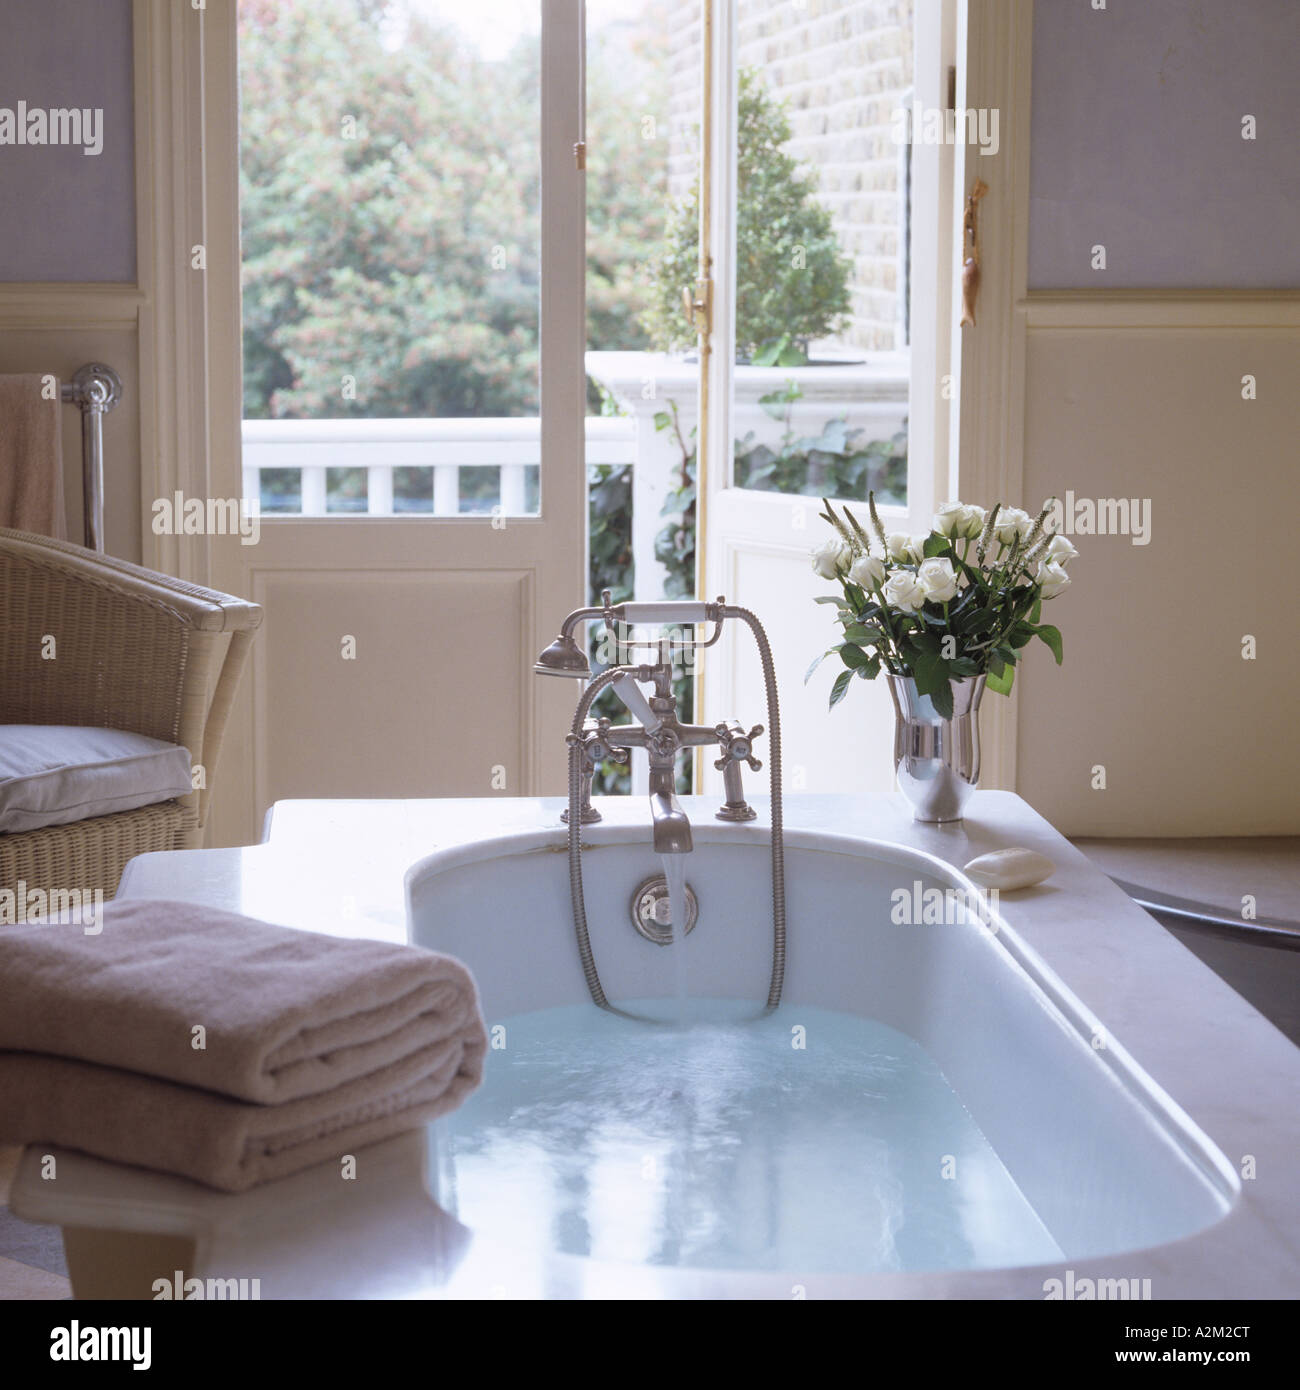 Laufen Badewanne im Badezimmer mit Flügeltüren und Balkon Stockfoto ...